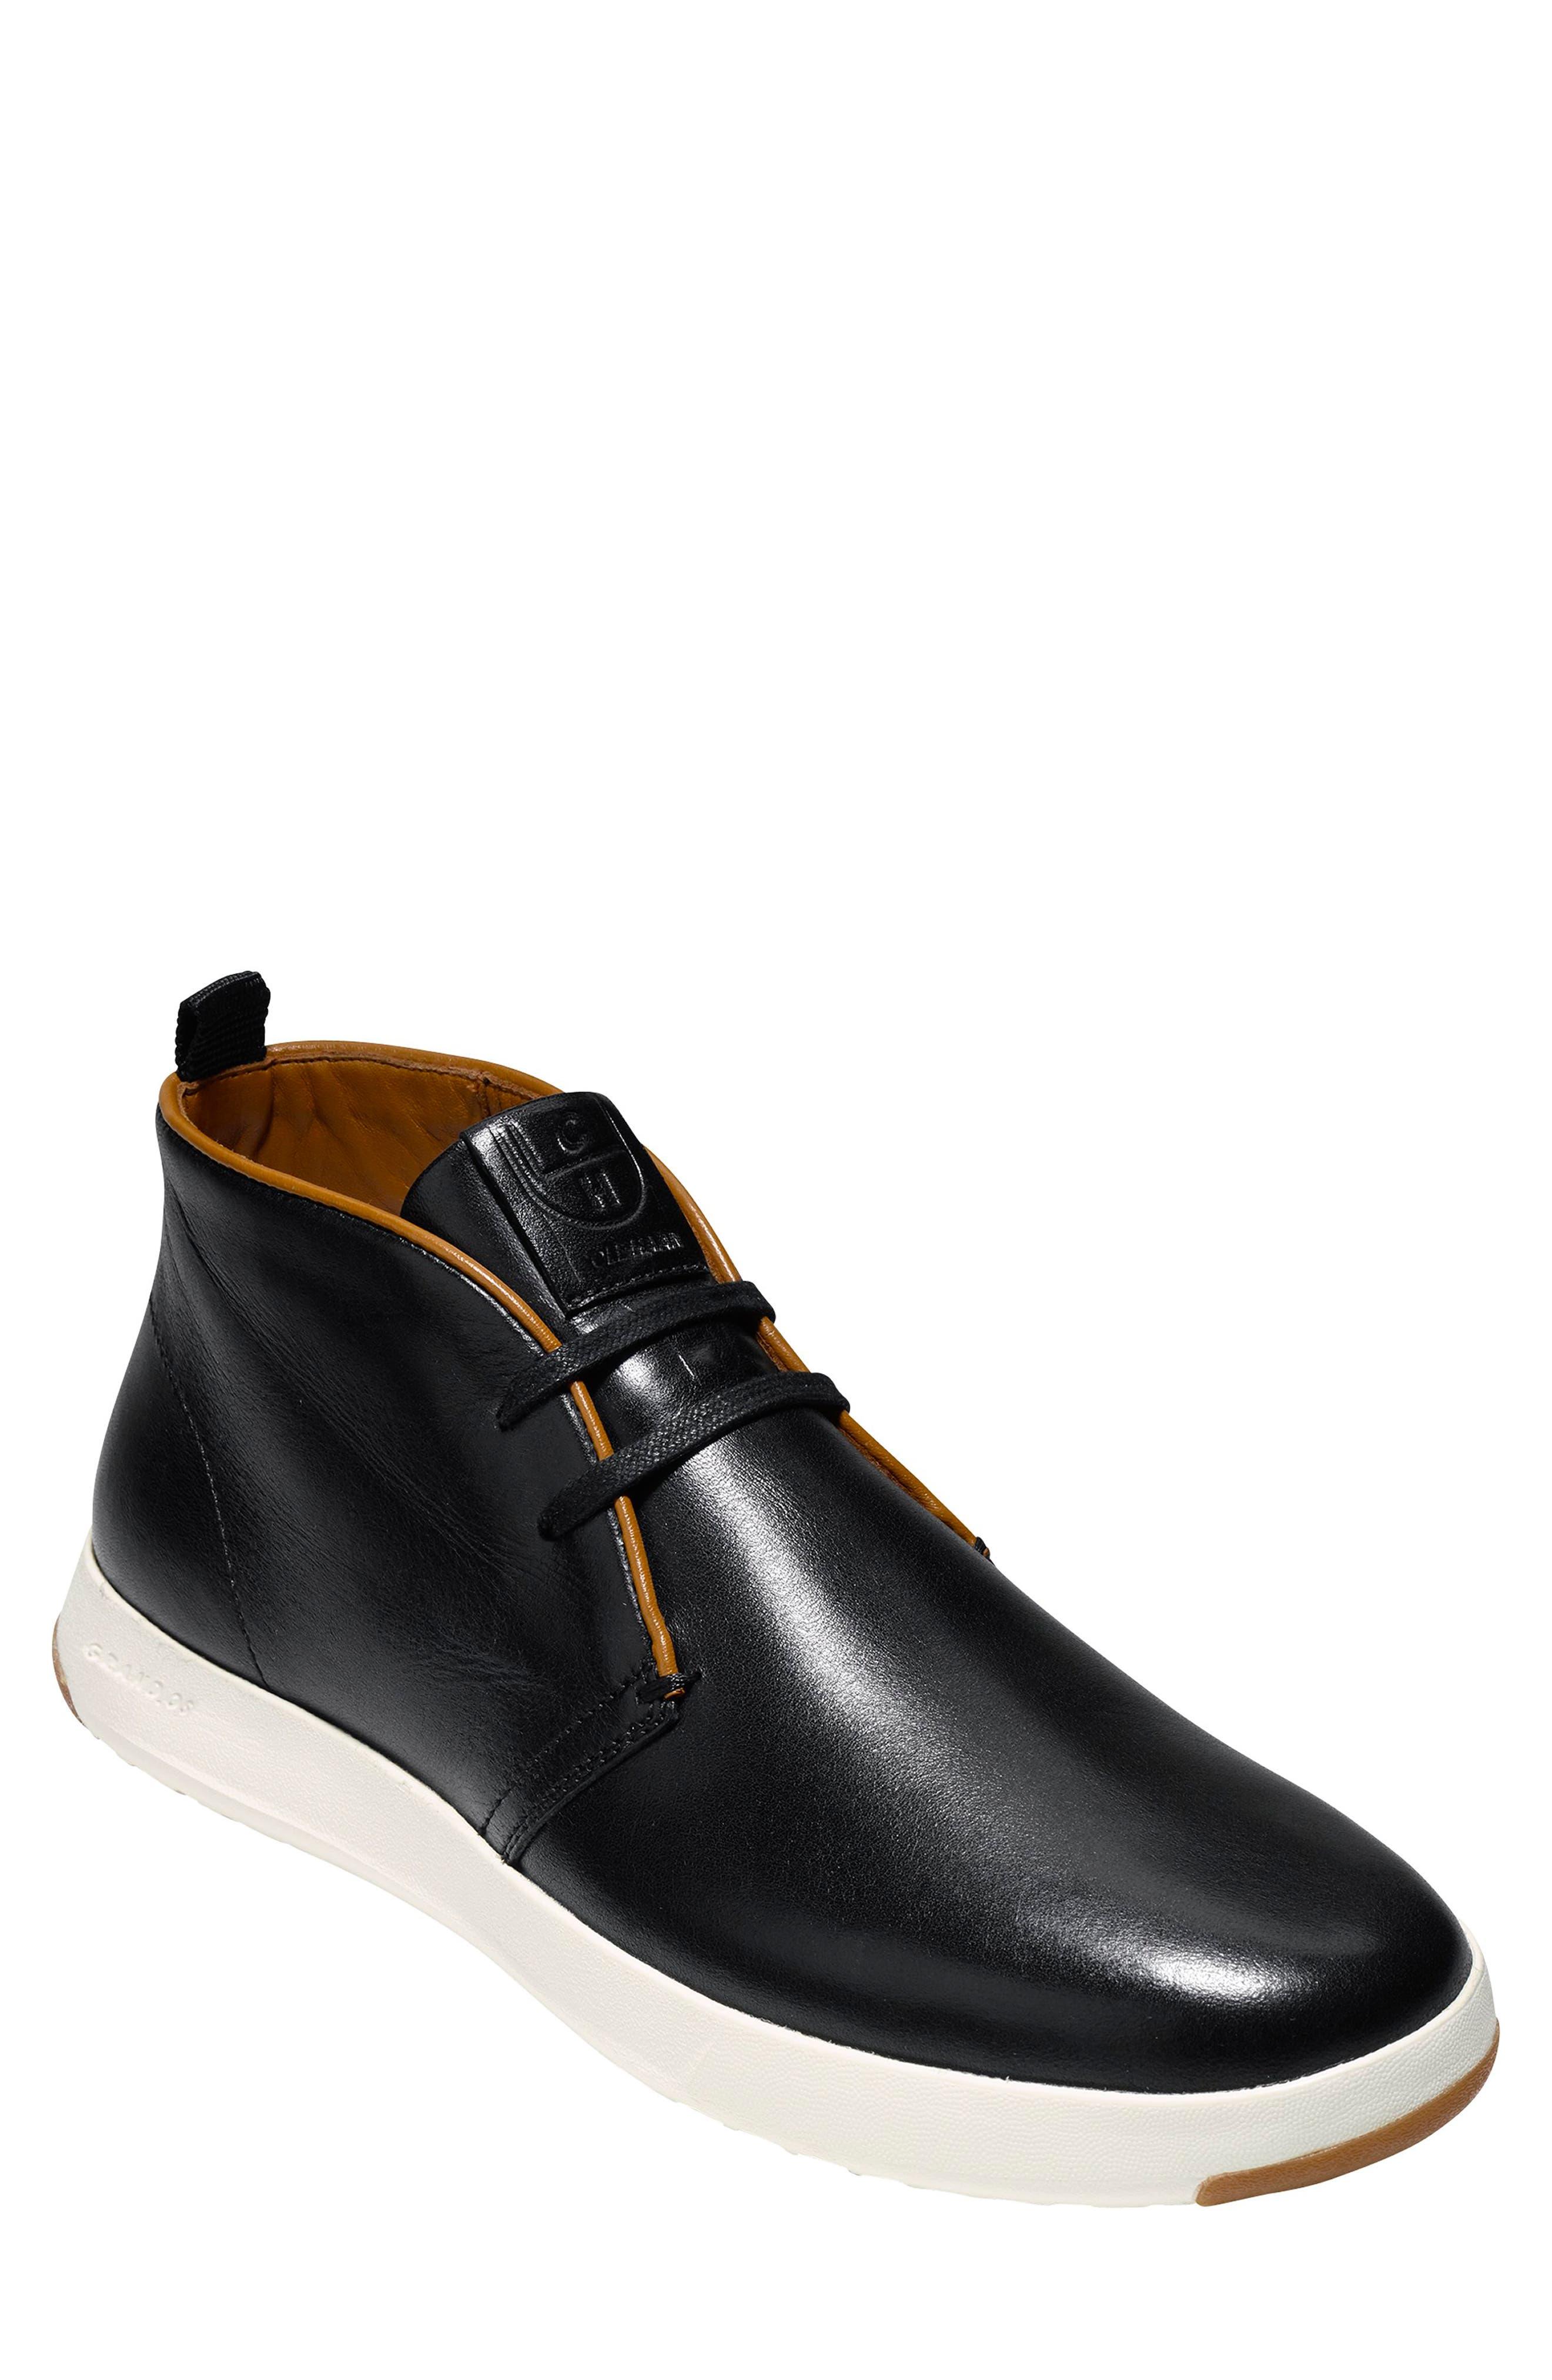 GrandPro Chukka Boot,                         Main,                         color, BLACK/ WHITE LEATHER